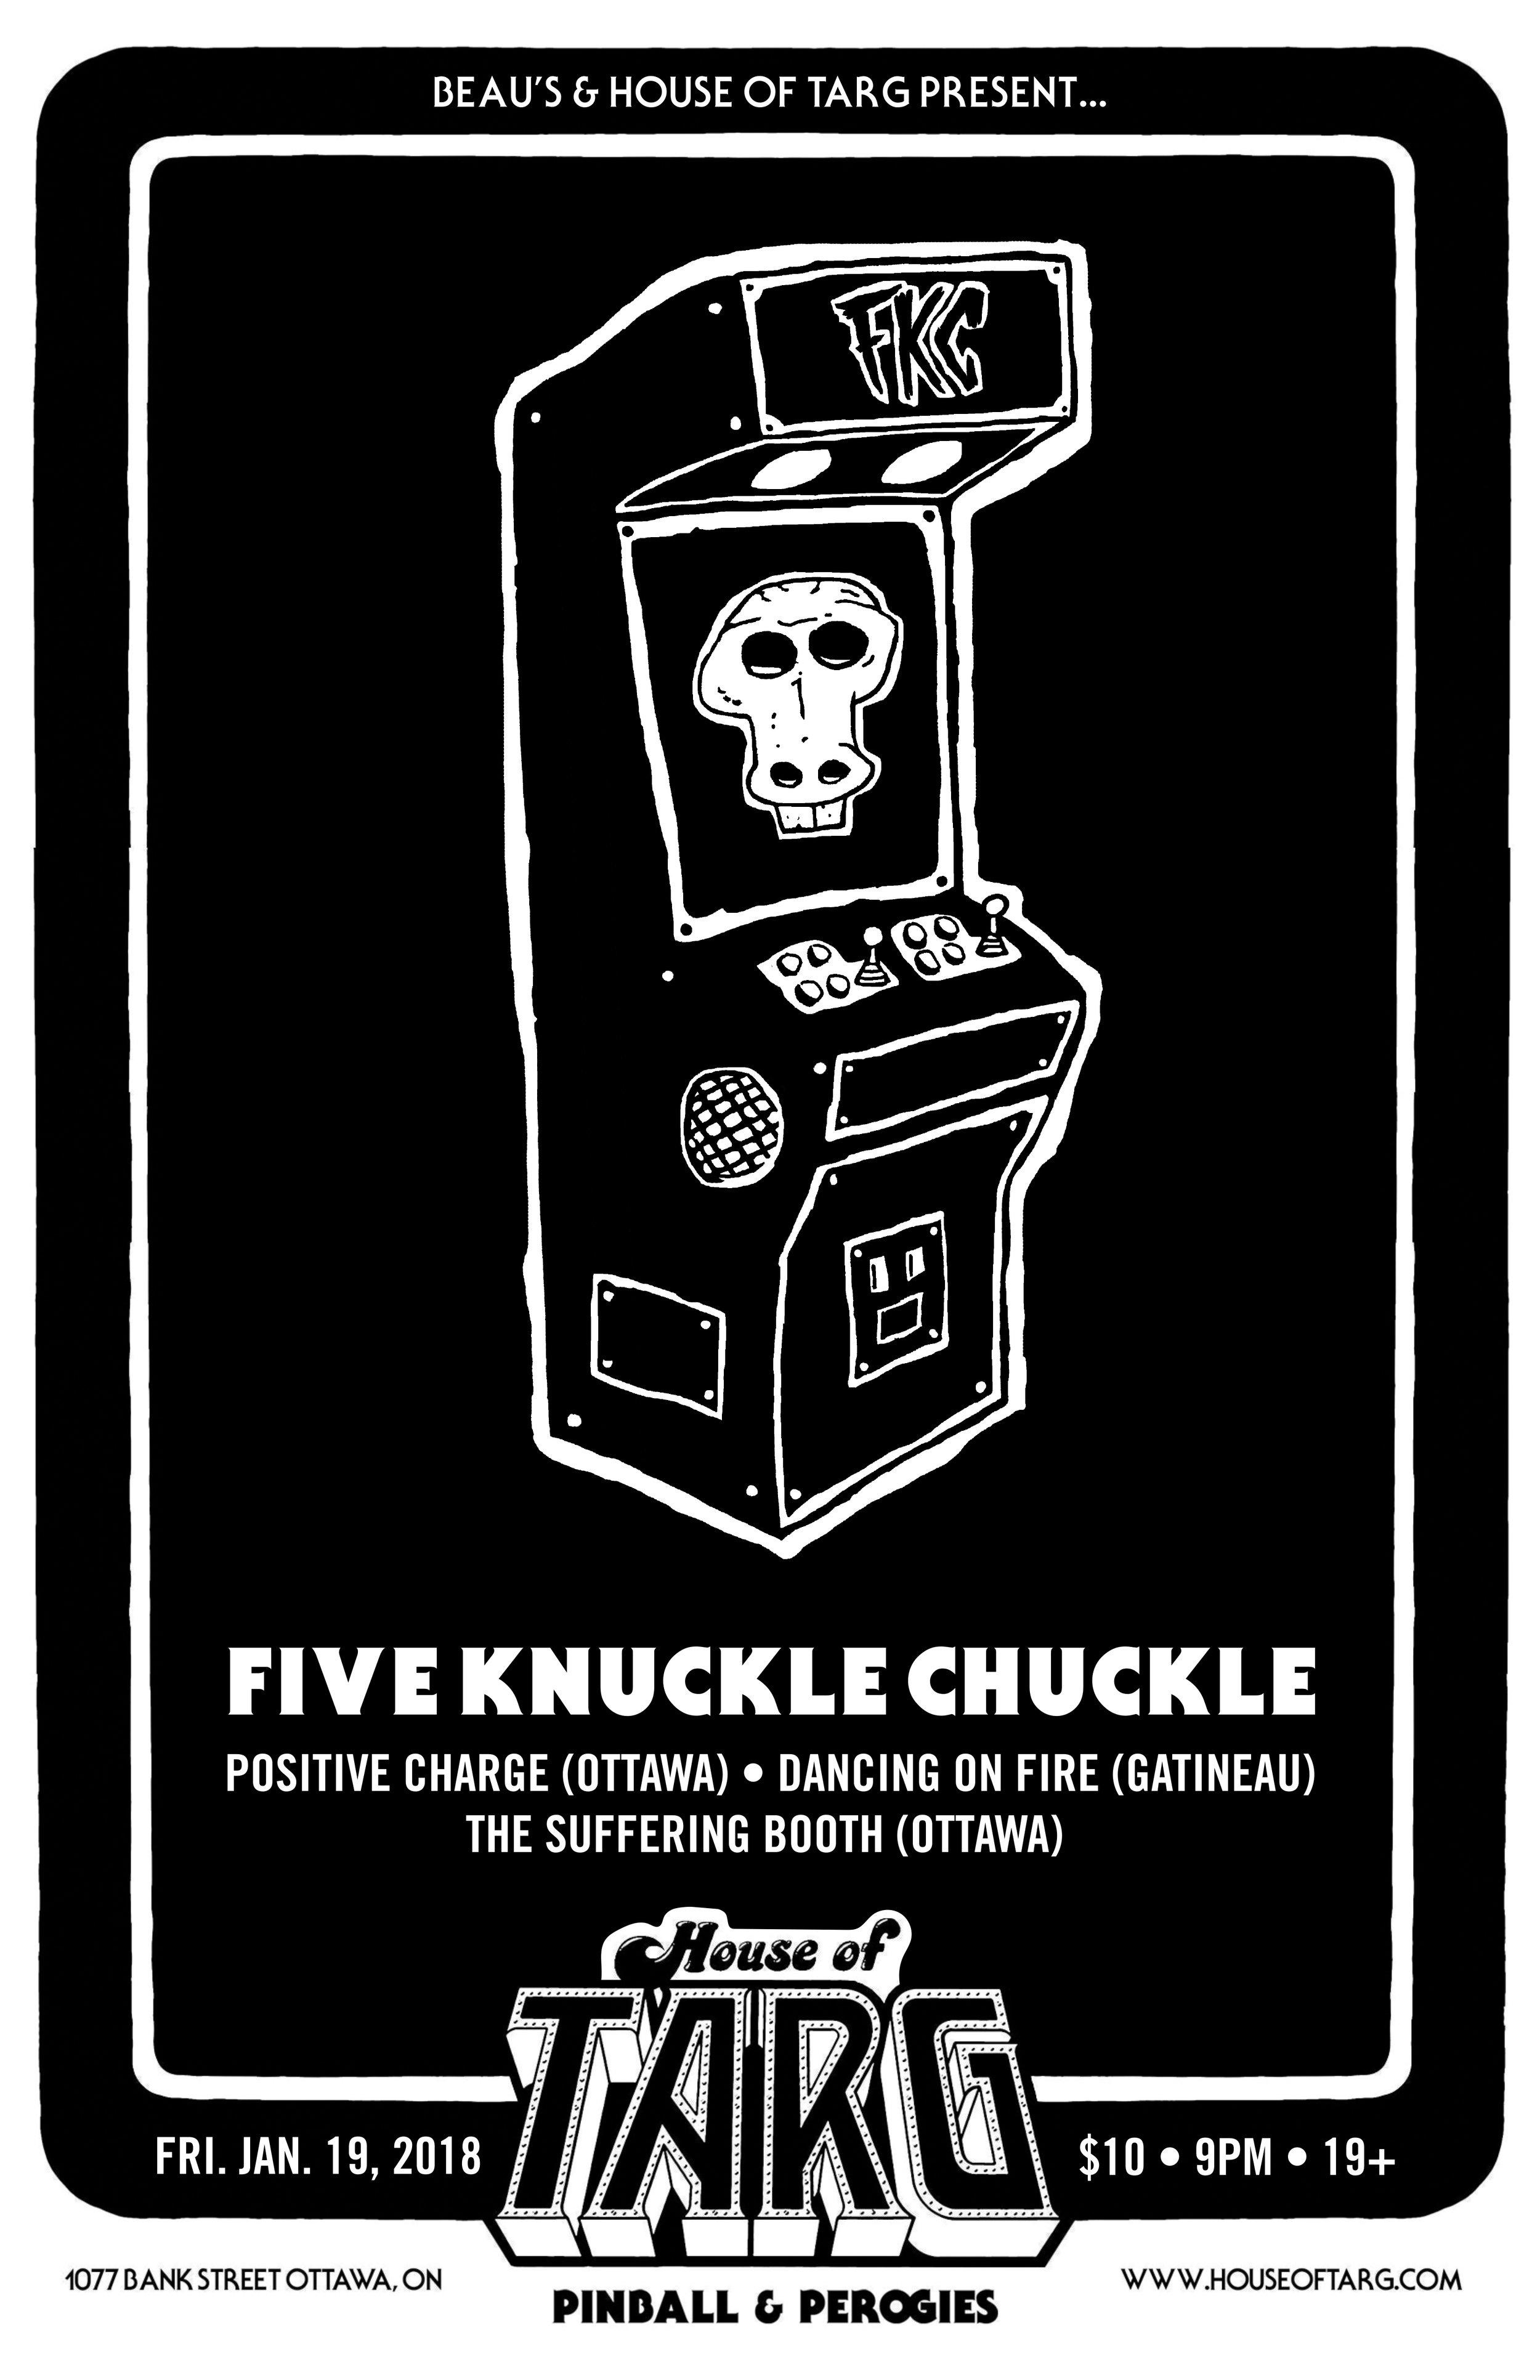 FKC-targ-poster.jpg